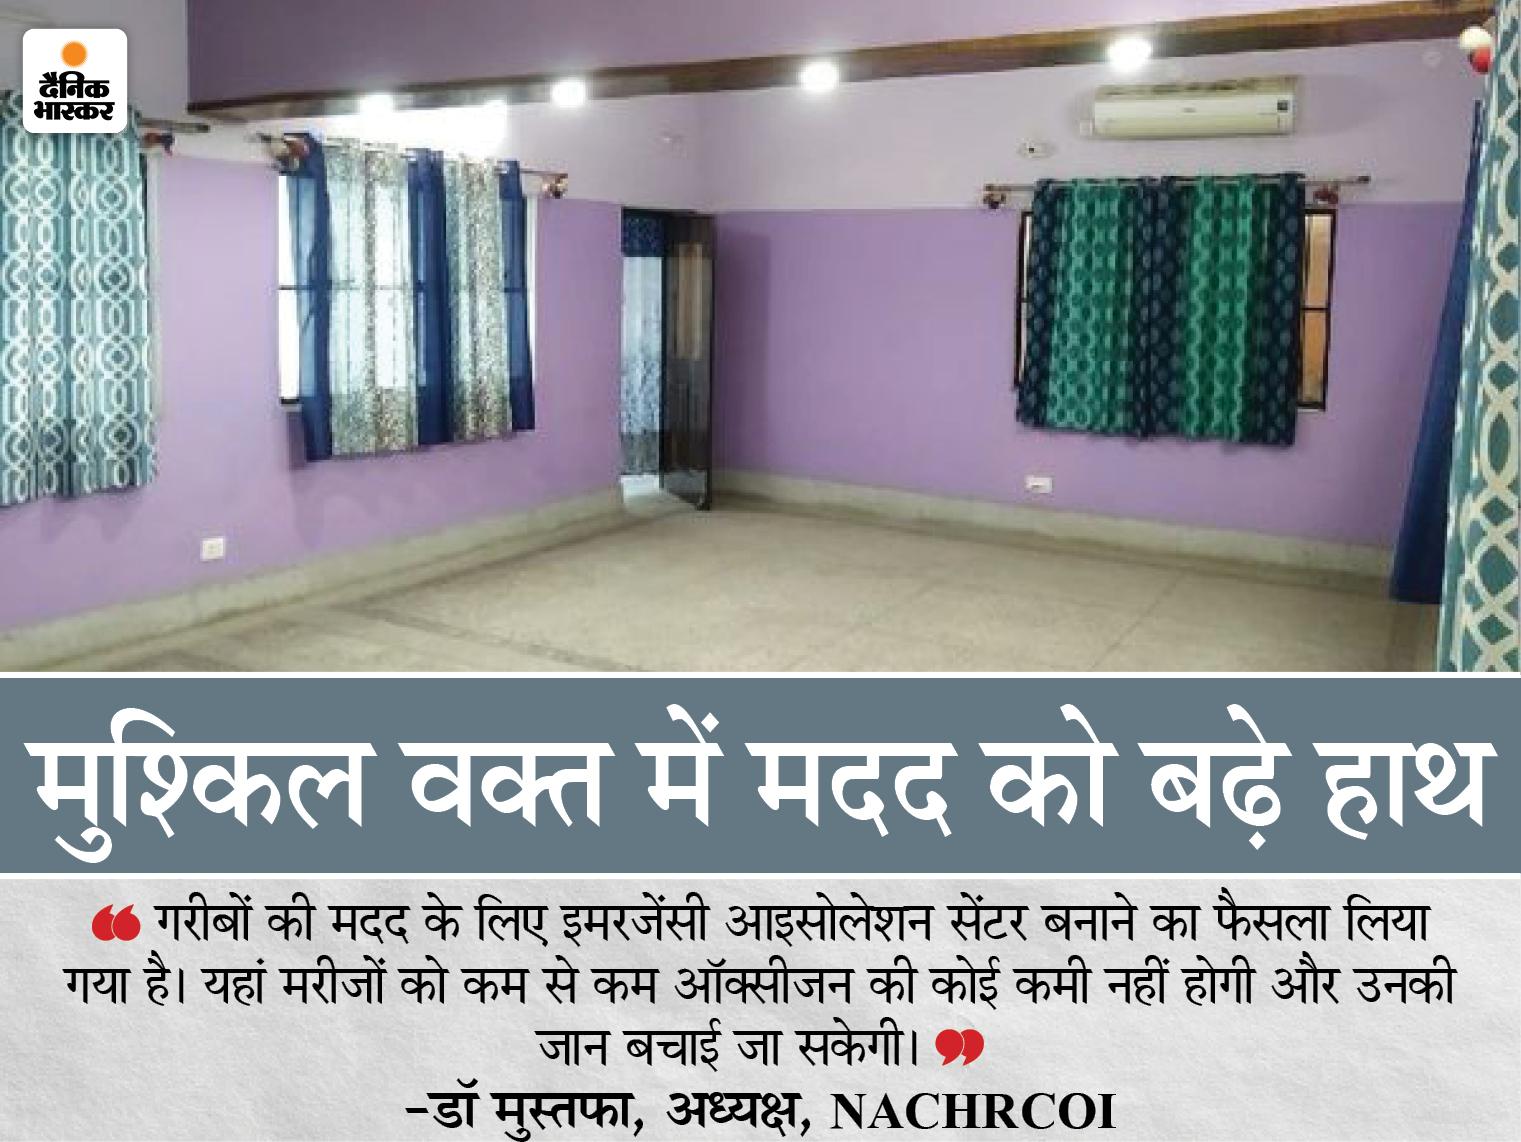 बिहार के पॉजिटिव मरीजों के लिए कार्यालय को बनाया आइसोलेशन सेंटर, 14 डॉक्टर रहेंगे तैनात, हर बेड पर ऑक्सीजन की व्यवस्था पटना,Patna - Dainik Bhaskar